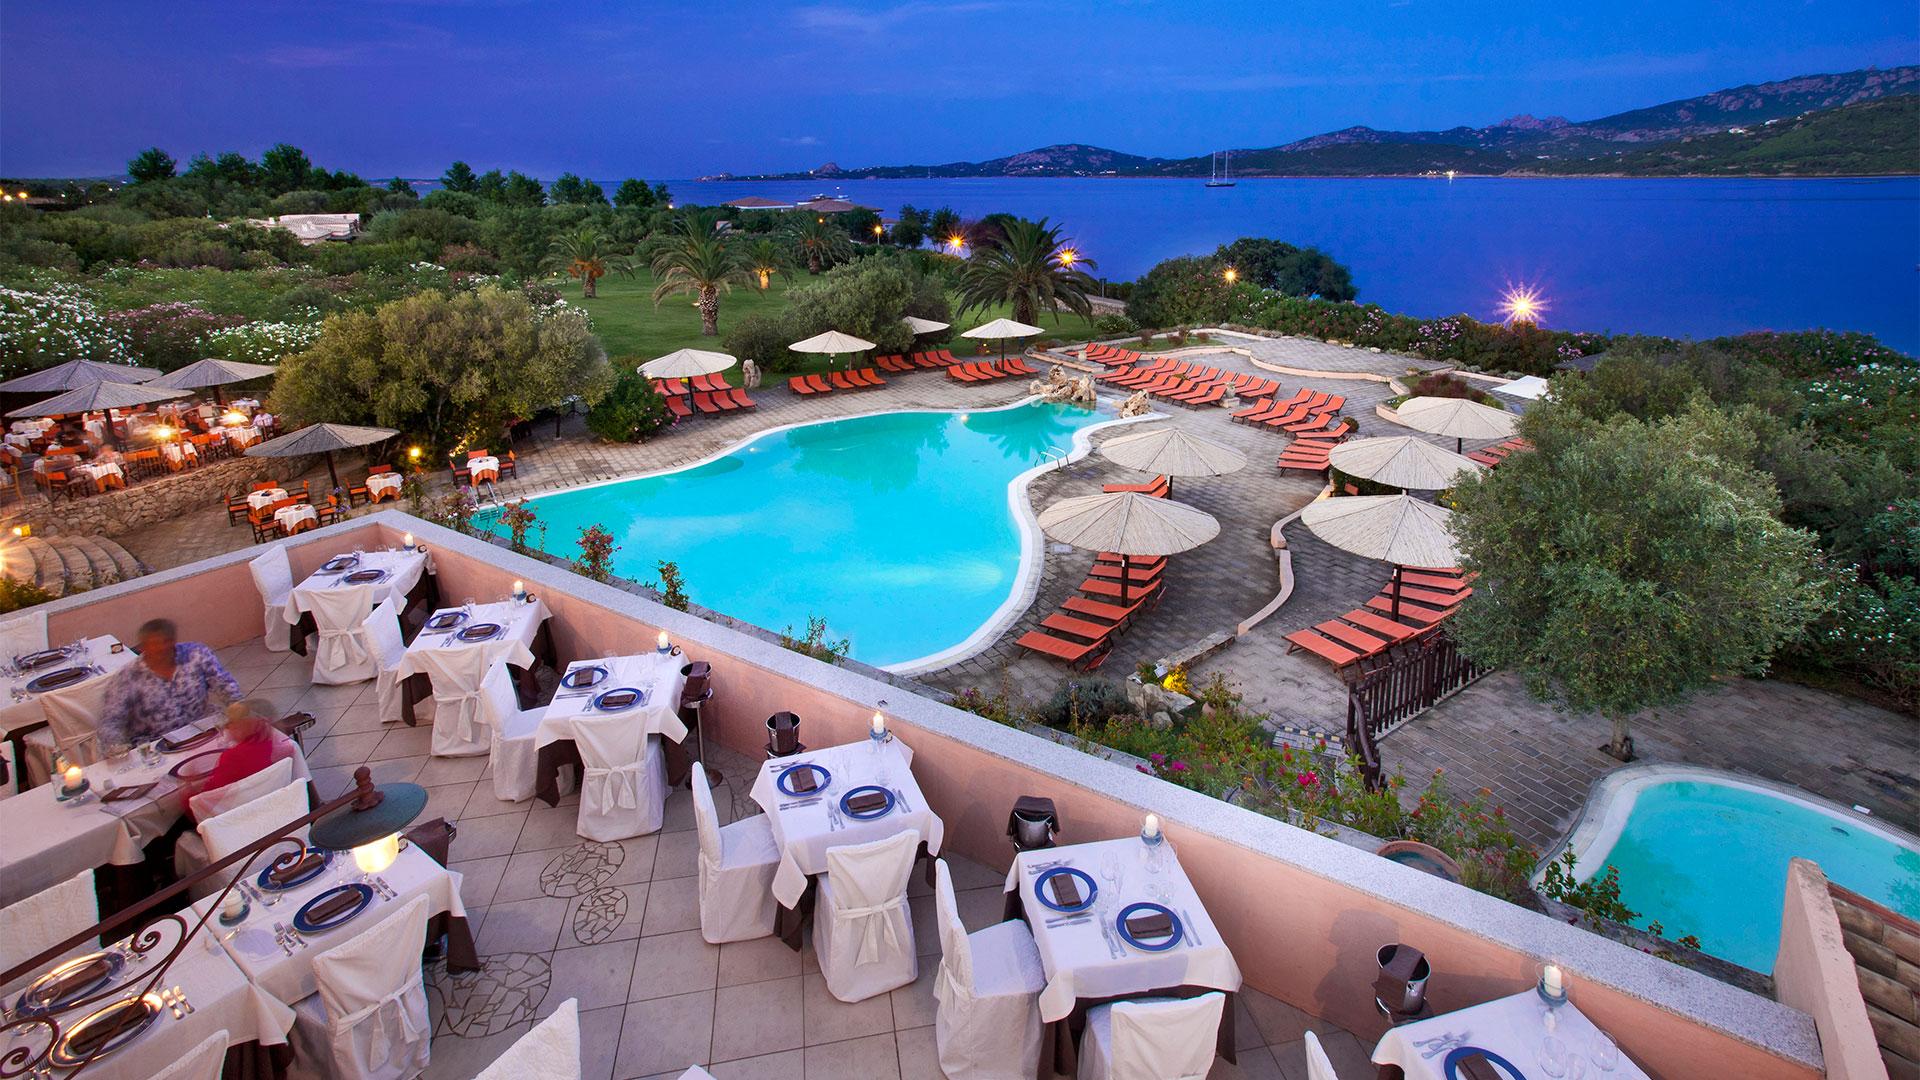 hotel-falco-slider-ristoranti-mare-sardegna-cannigione-1